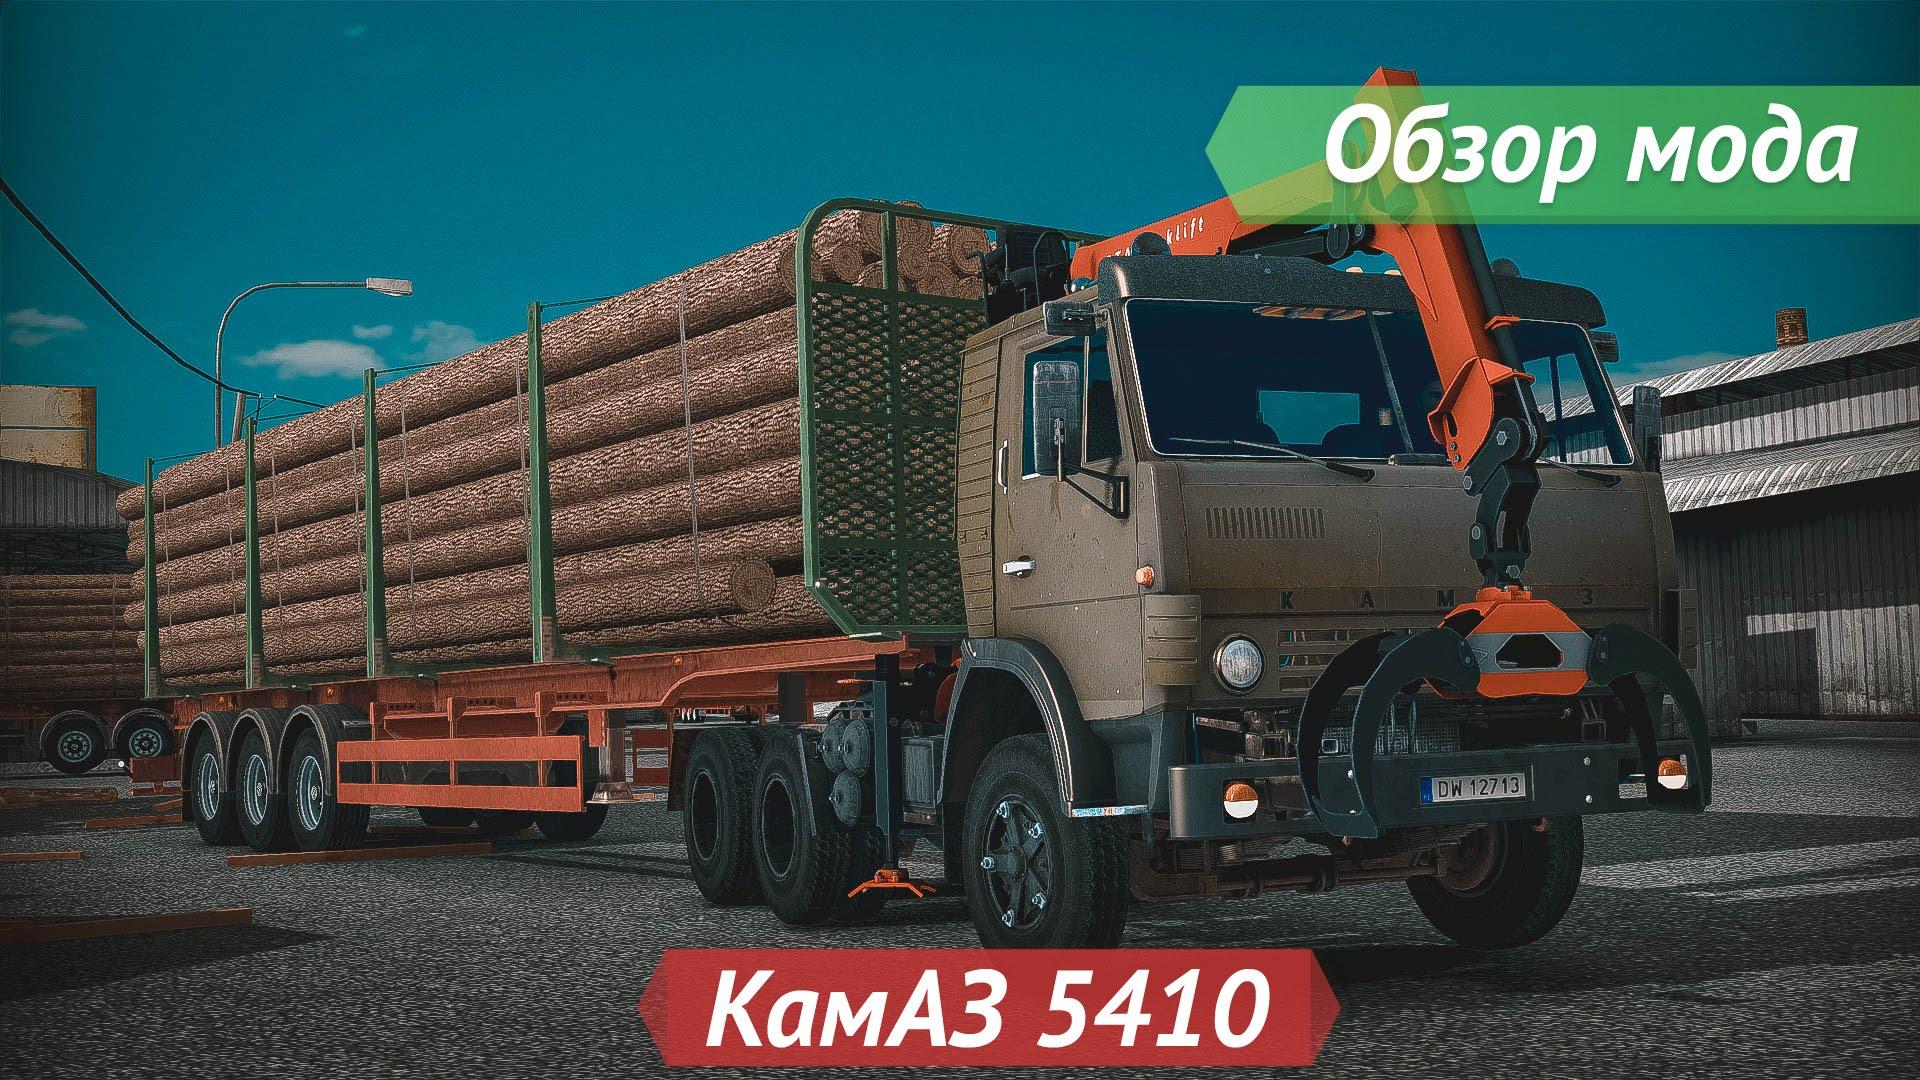 KamAZ 5410 - kamyon çekicilerin ilk